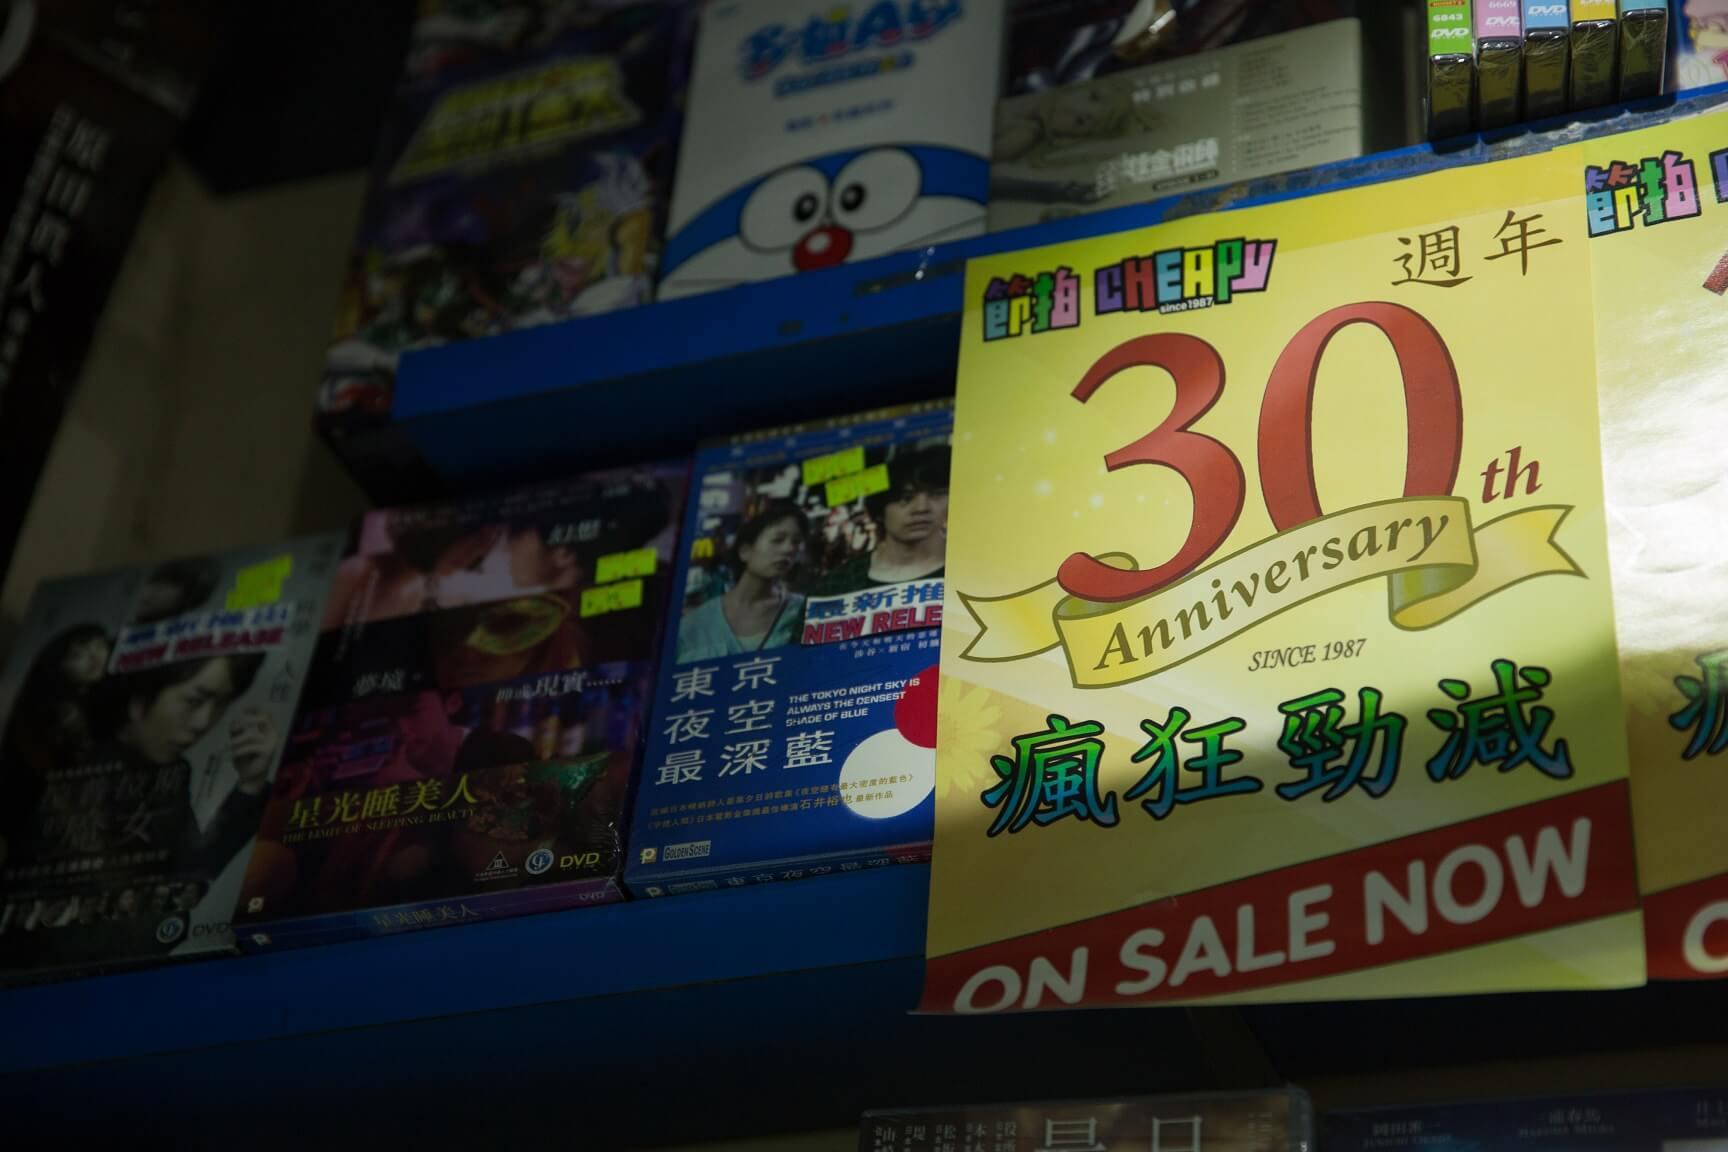 兩年前節拍開業30周年,曾做過速銷優惠,宣傳單張仍貼在店舖之中。